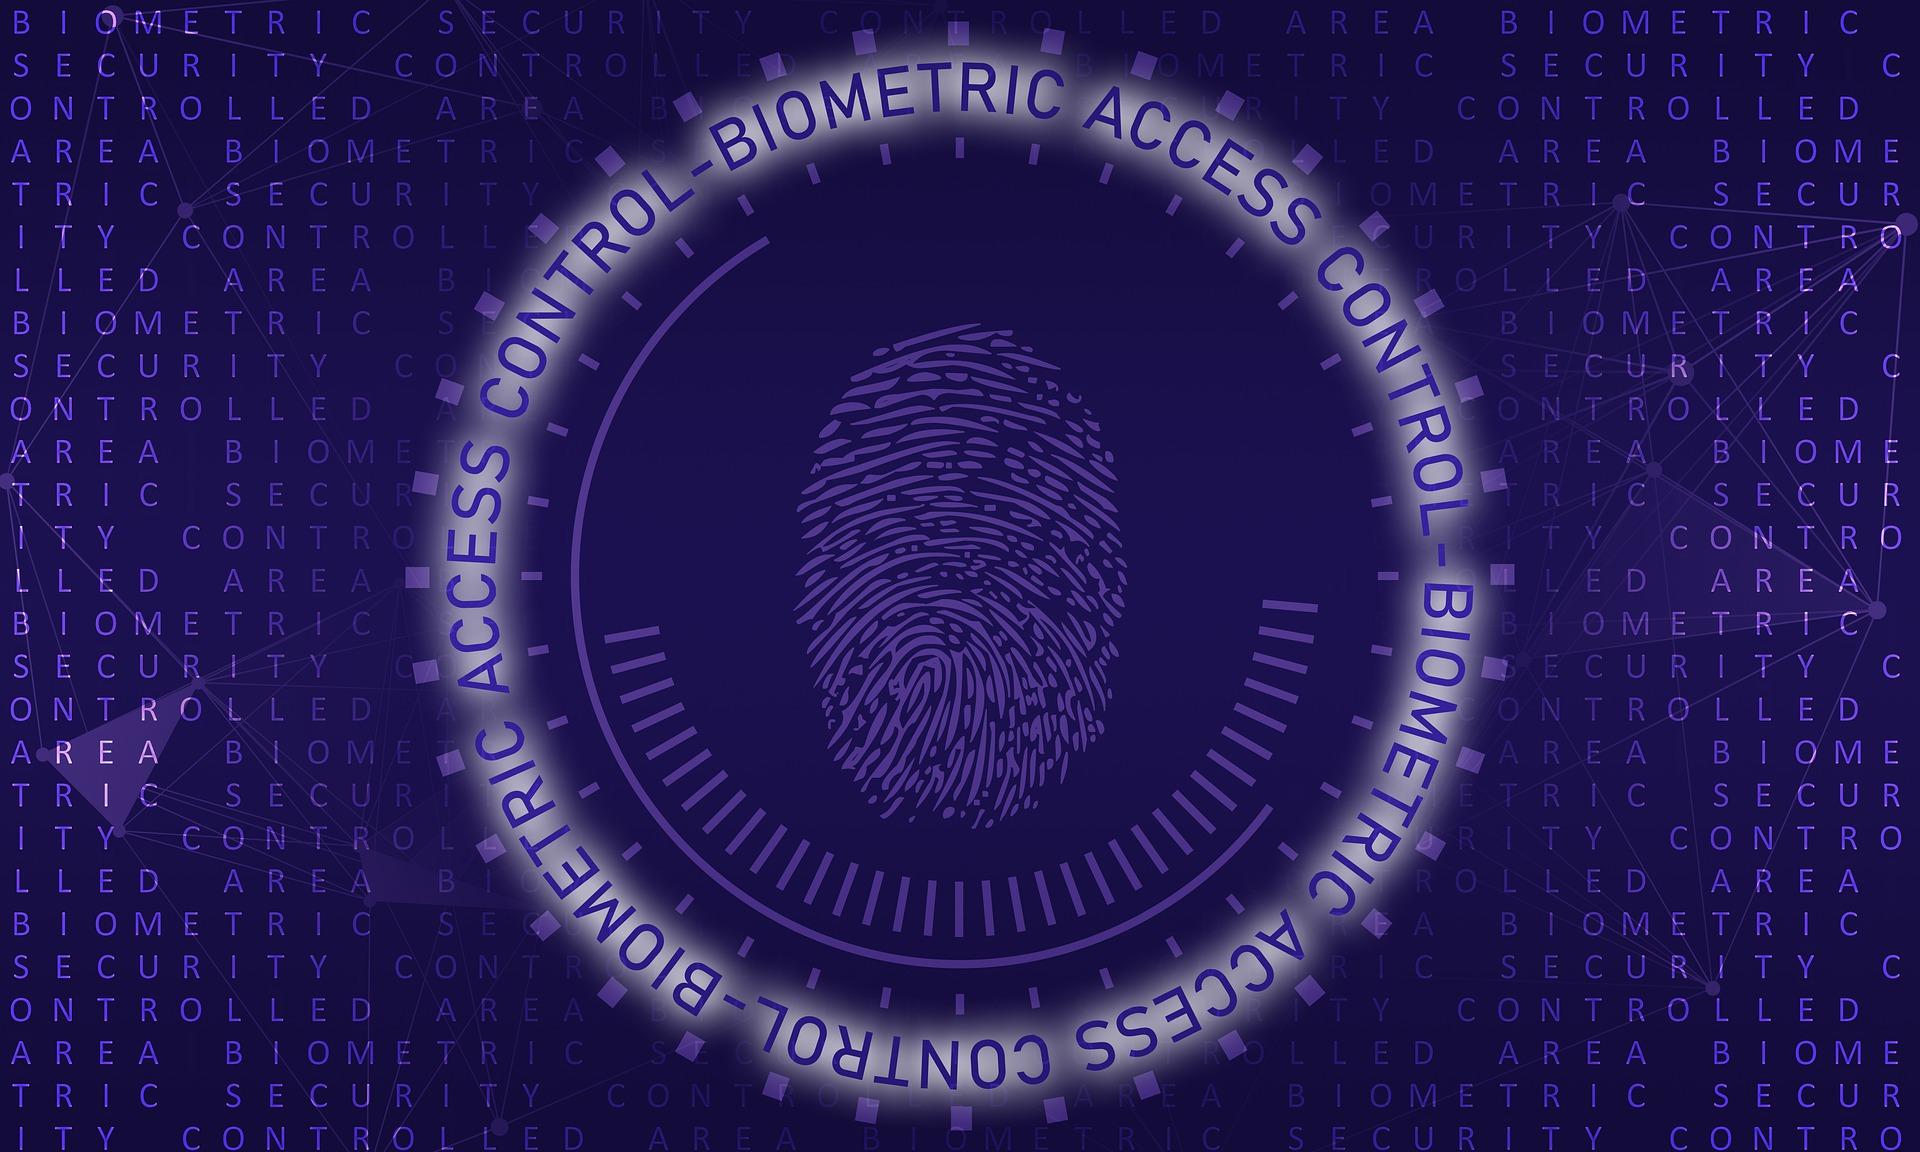 biometric-4503070_1920.jpg